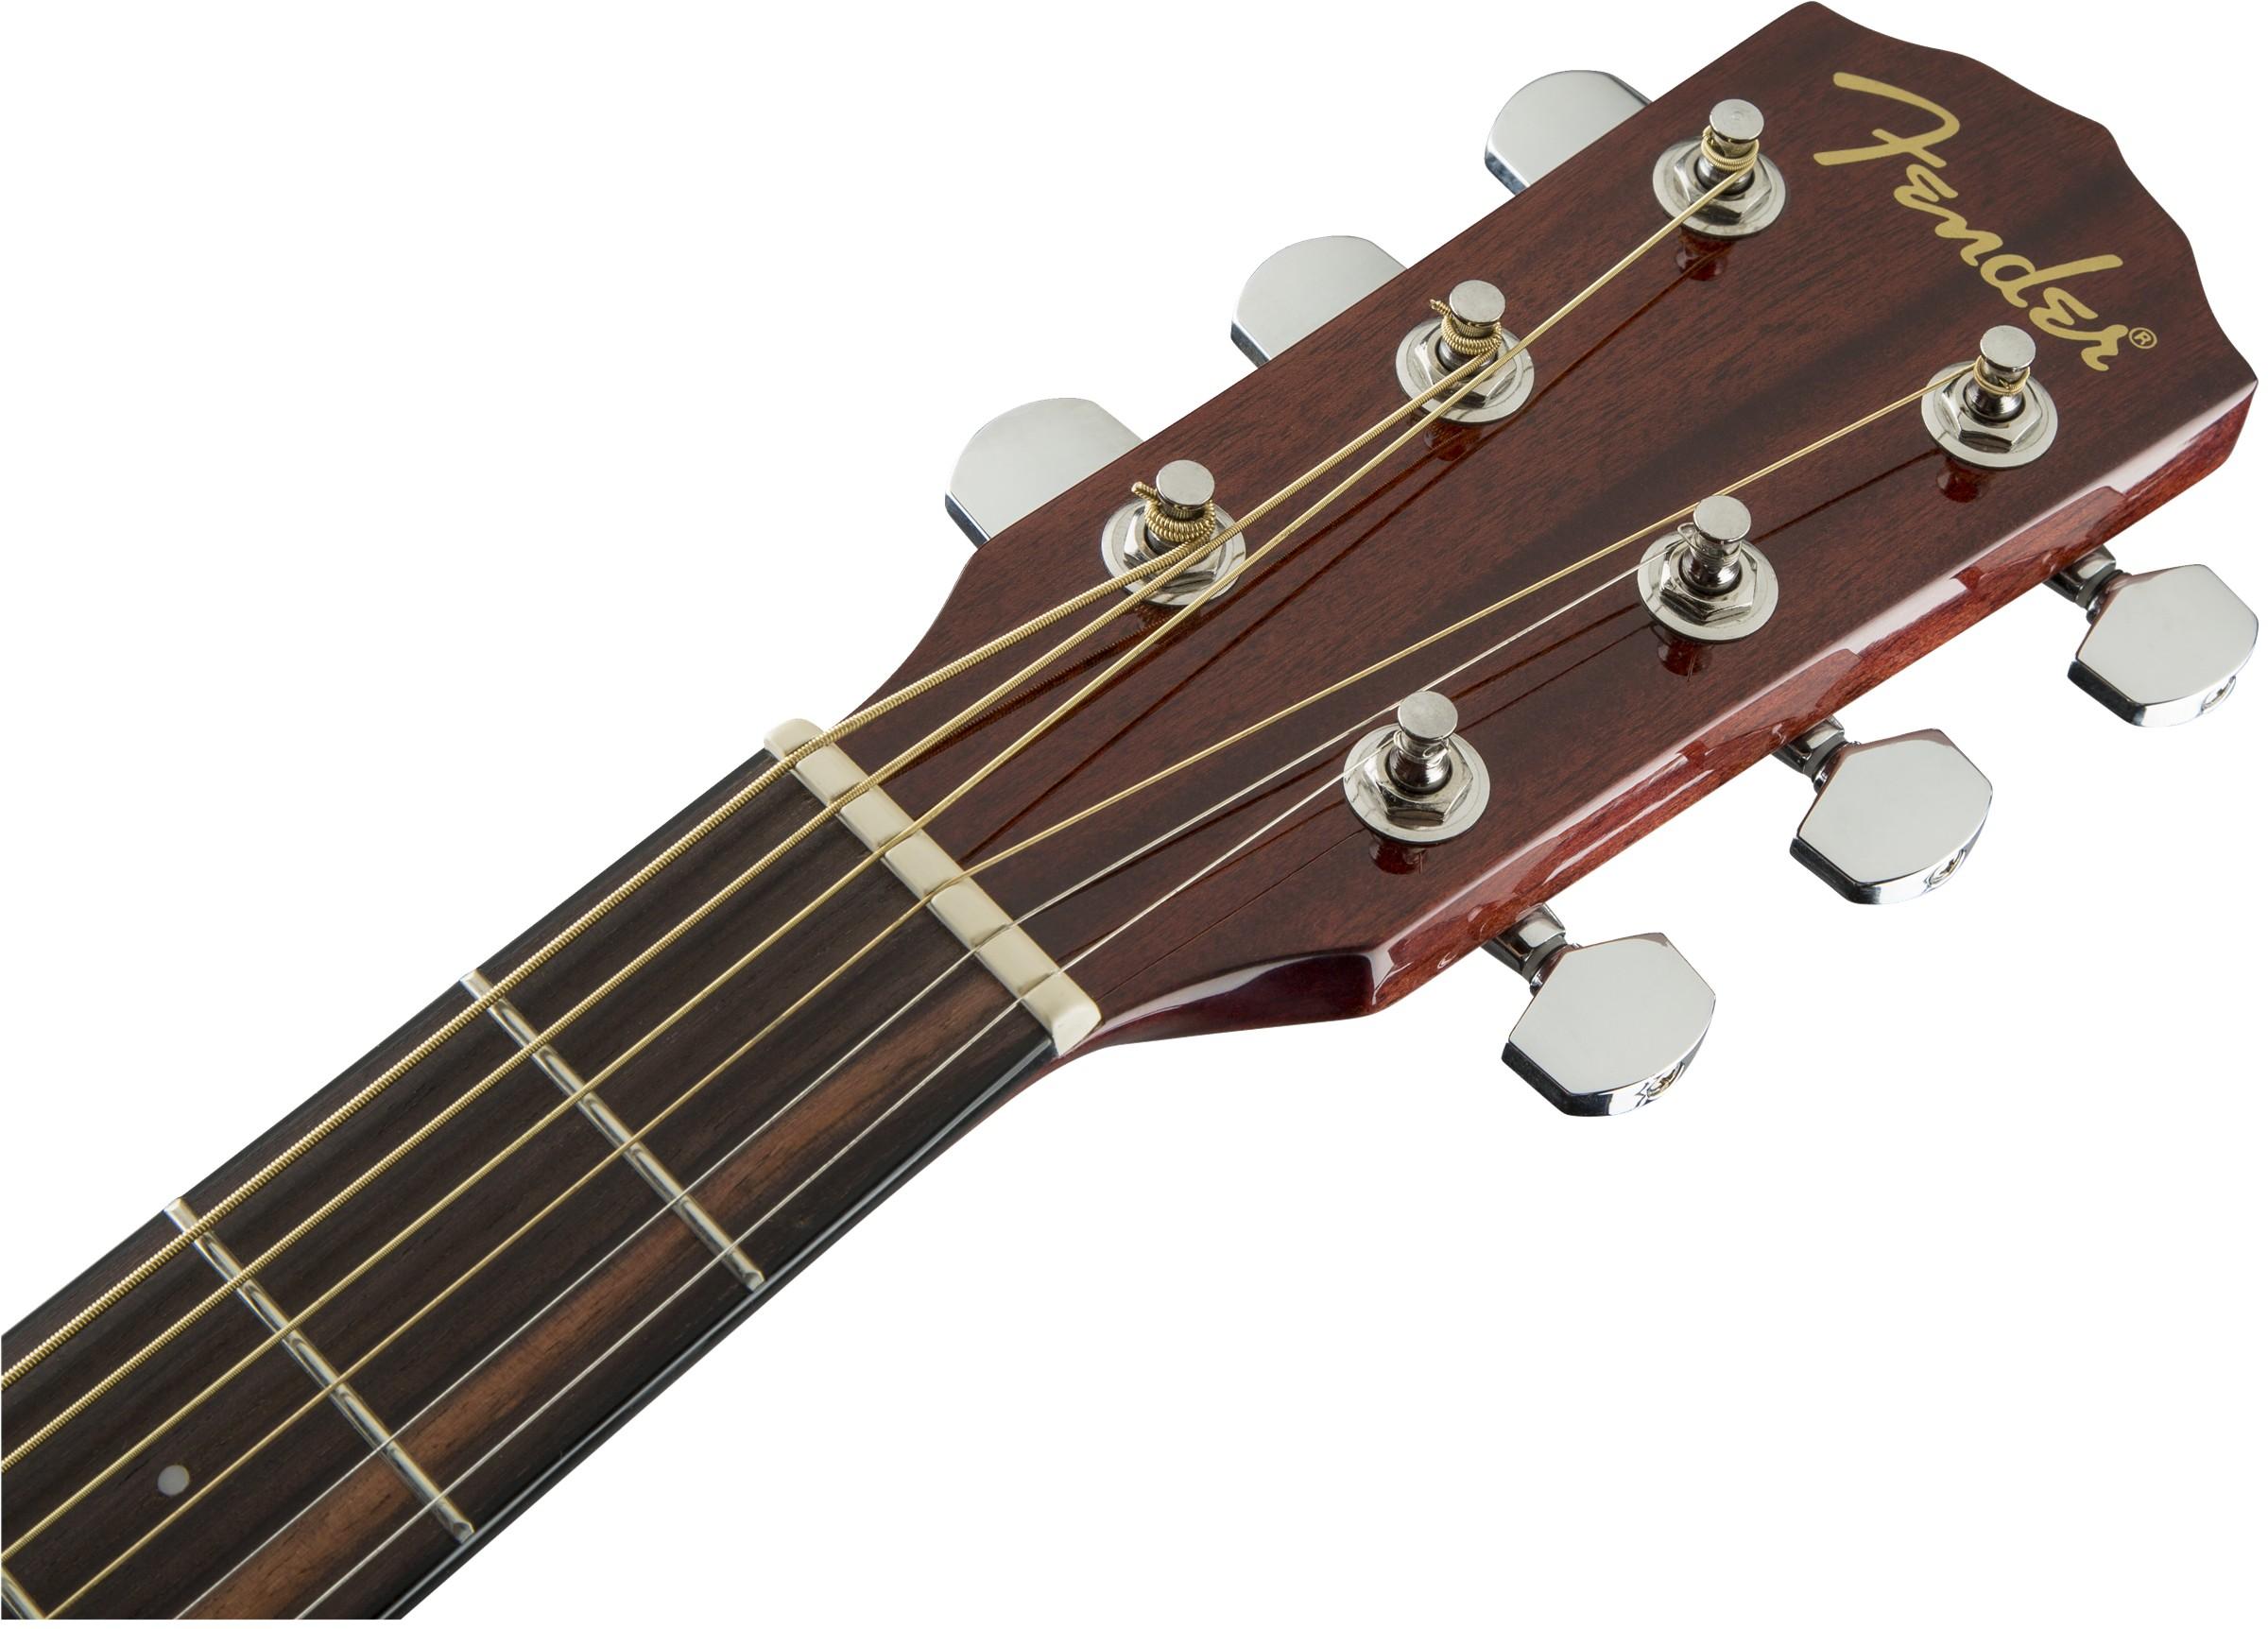 ваша жизнь гриф гитары фото смотрятся даже такие